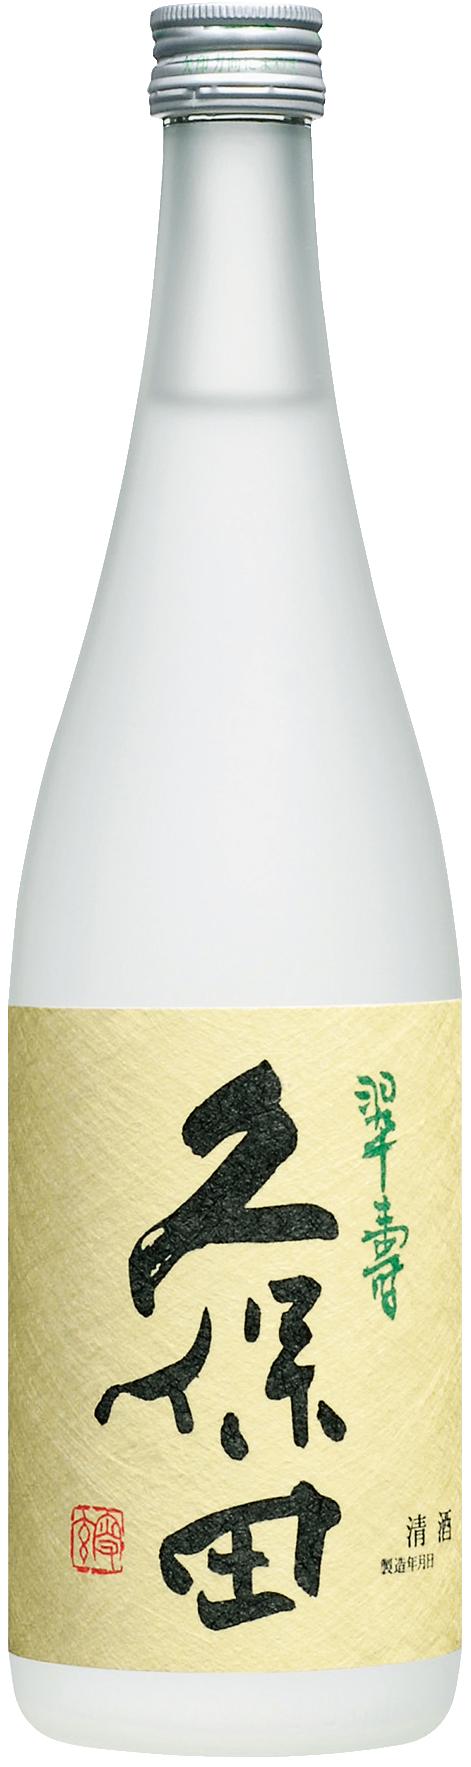 久保田 翠寿 生酒 720ml【要冷蔵】